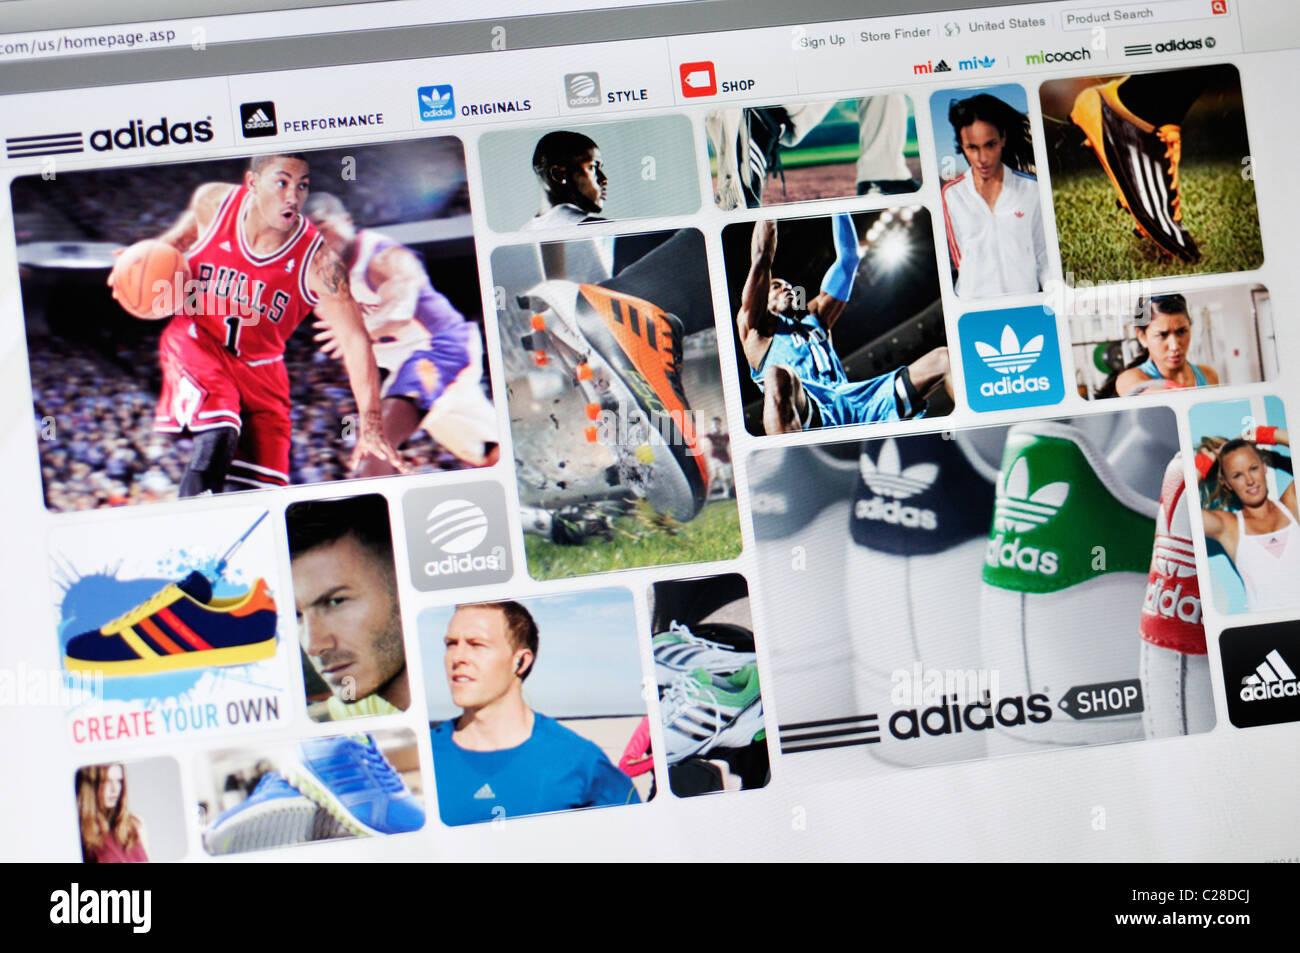 autopista predicción cómo  Adidas sports apparel website Stock Photo - Alamy